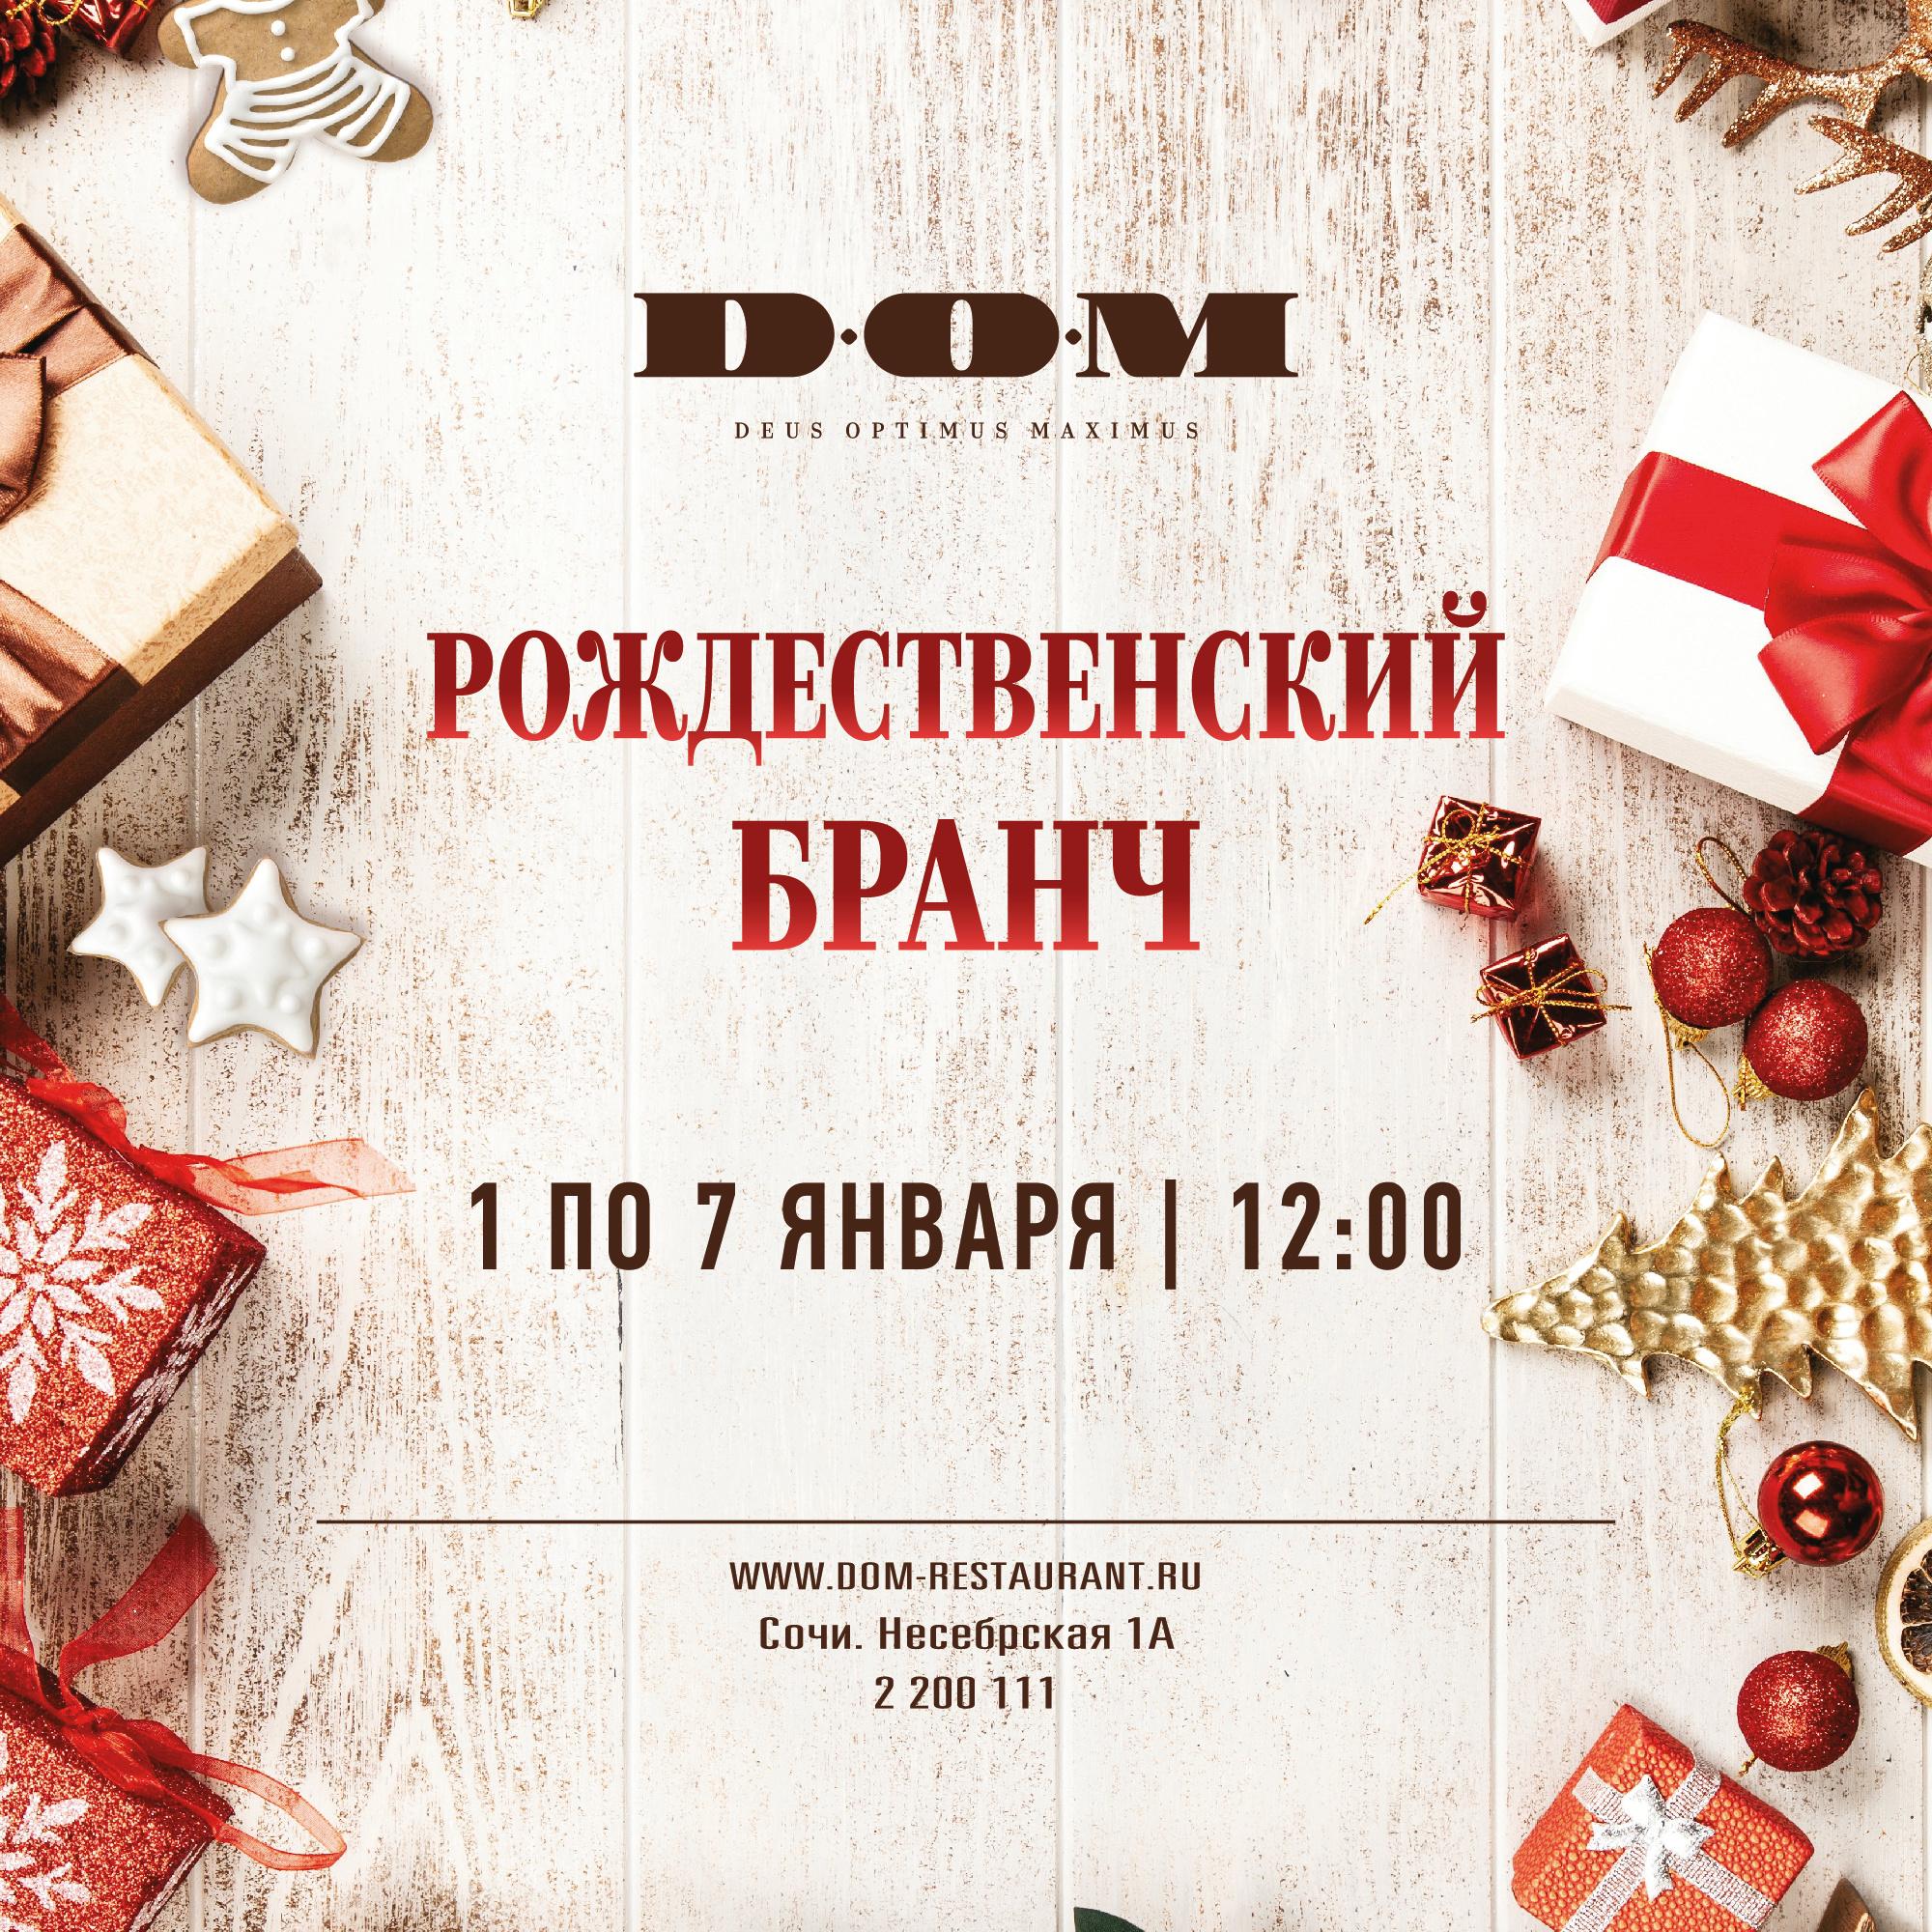 1-7.01.2019| Рождественский бранч